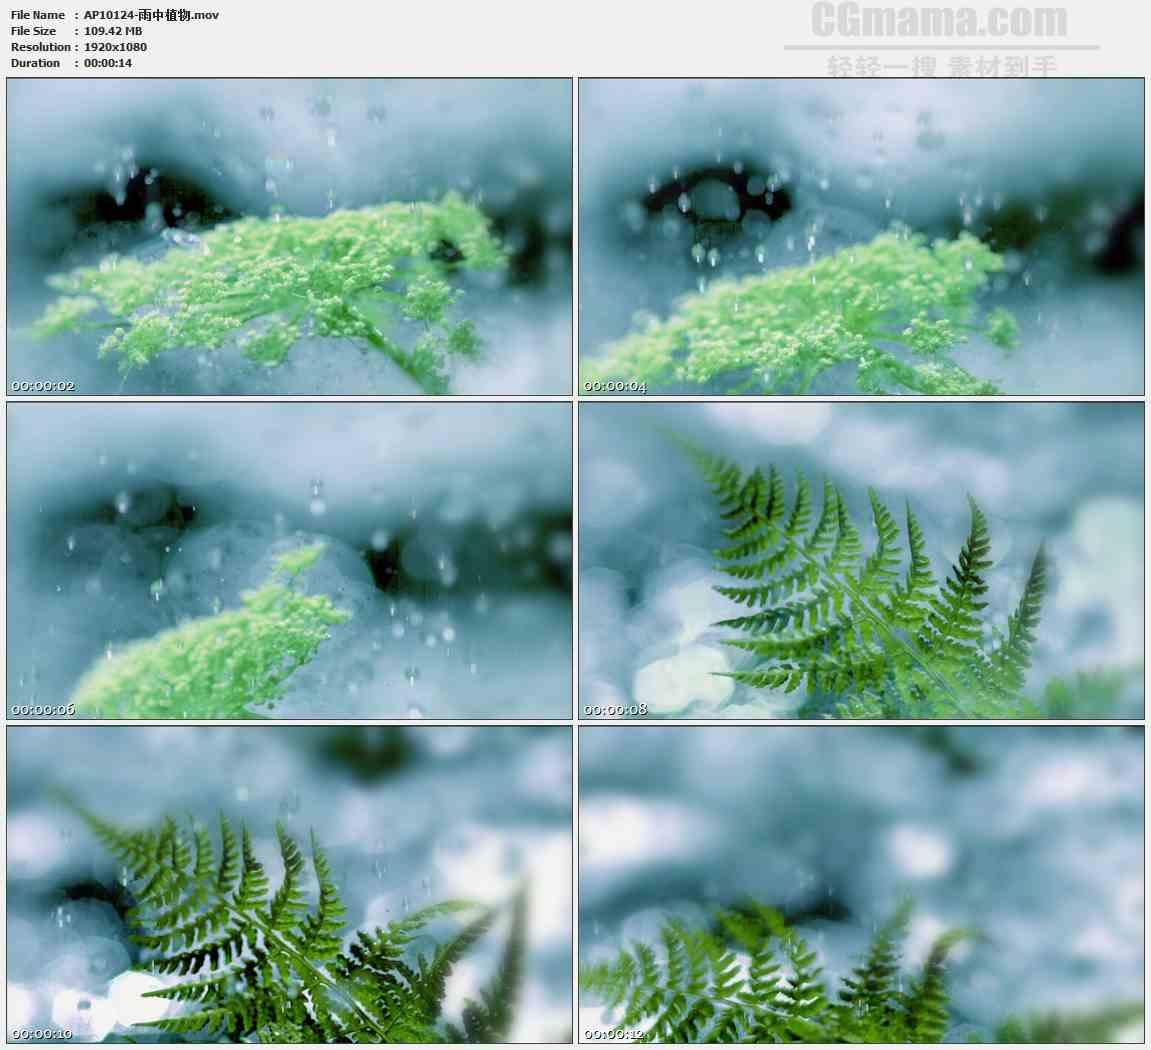 AP10124-雨水拍打绿叶树叶高清实拍视频素材